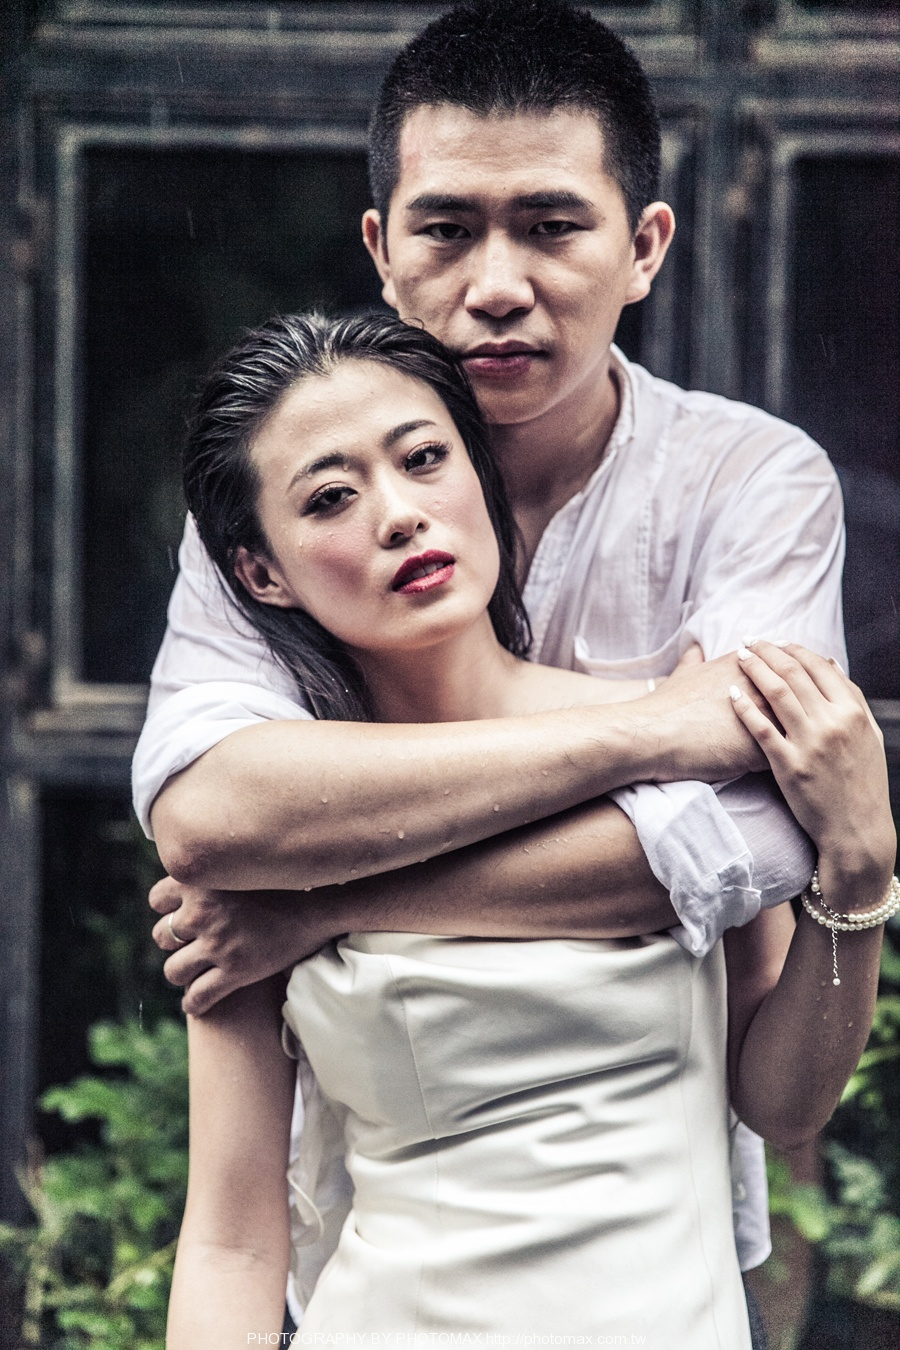 刘喆 PHOTOMAX 老麦摄影 绕着世界拍爱情 婚纱摄影 (11)